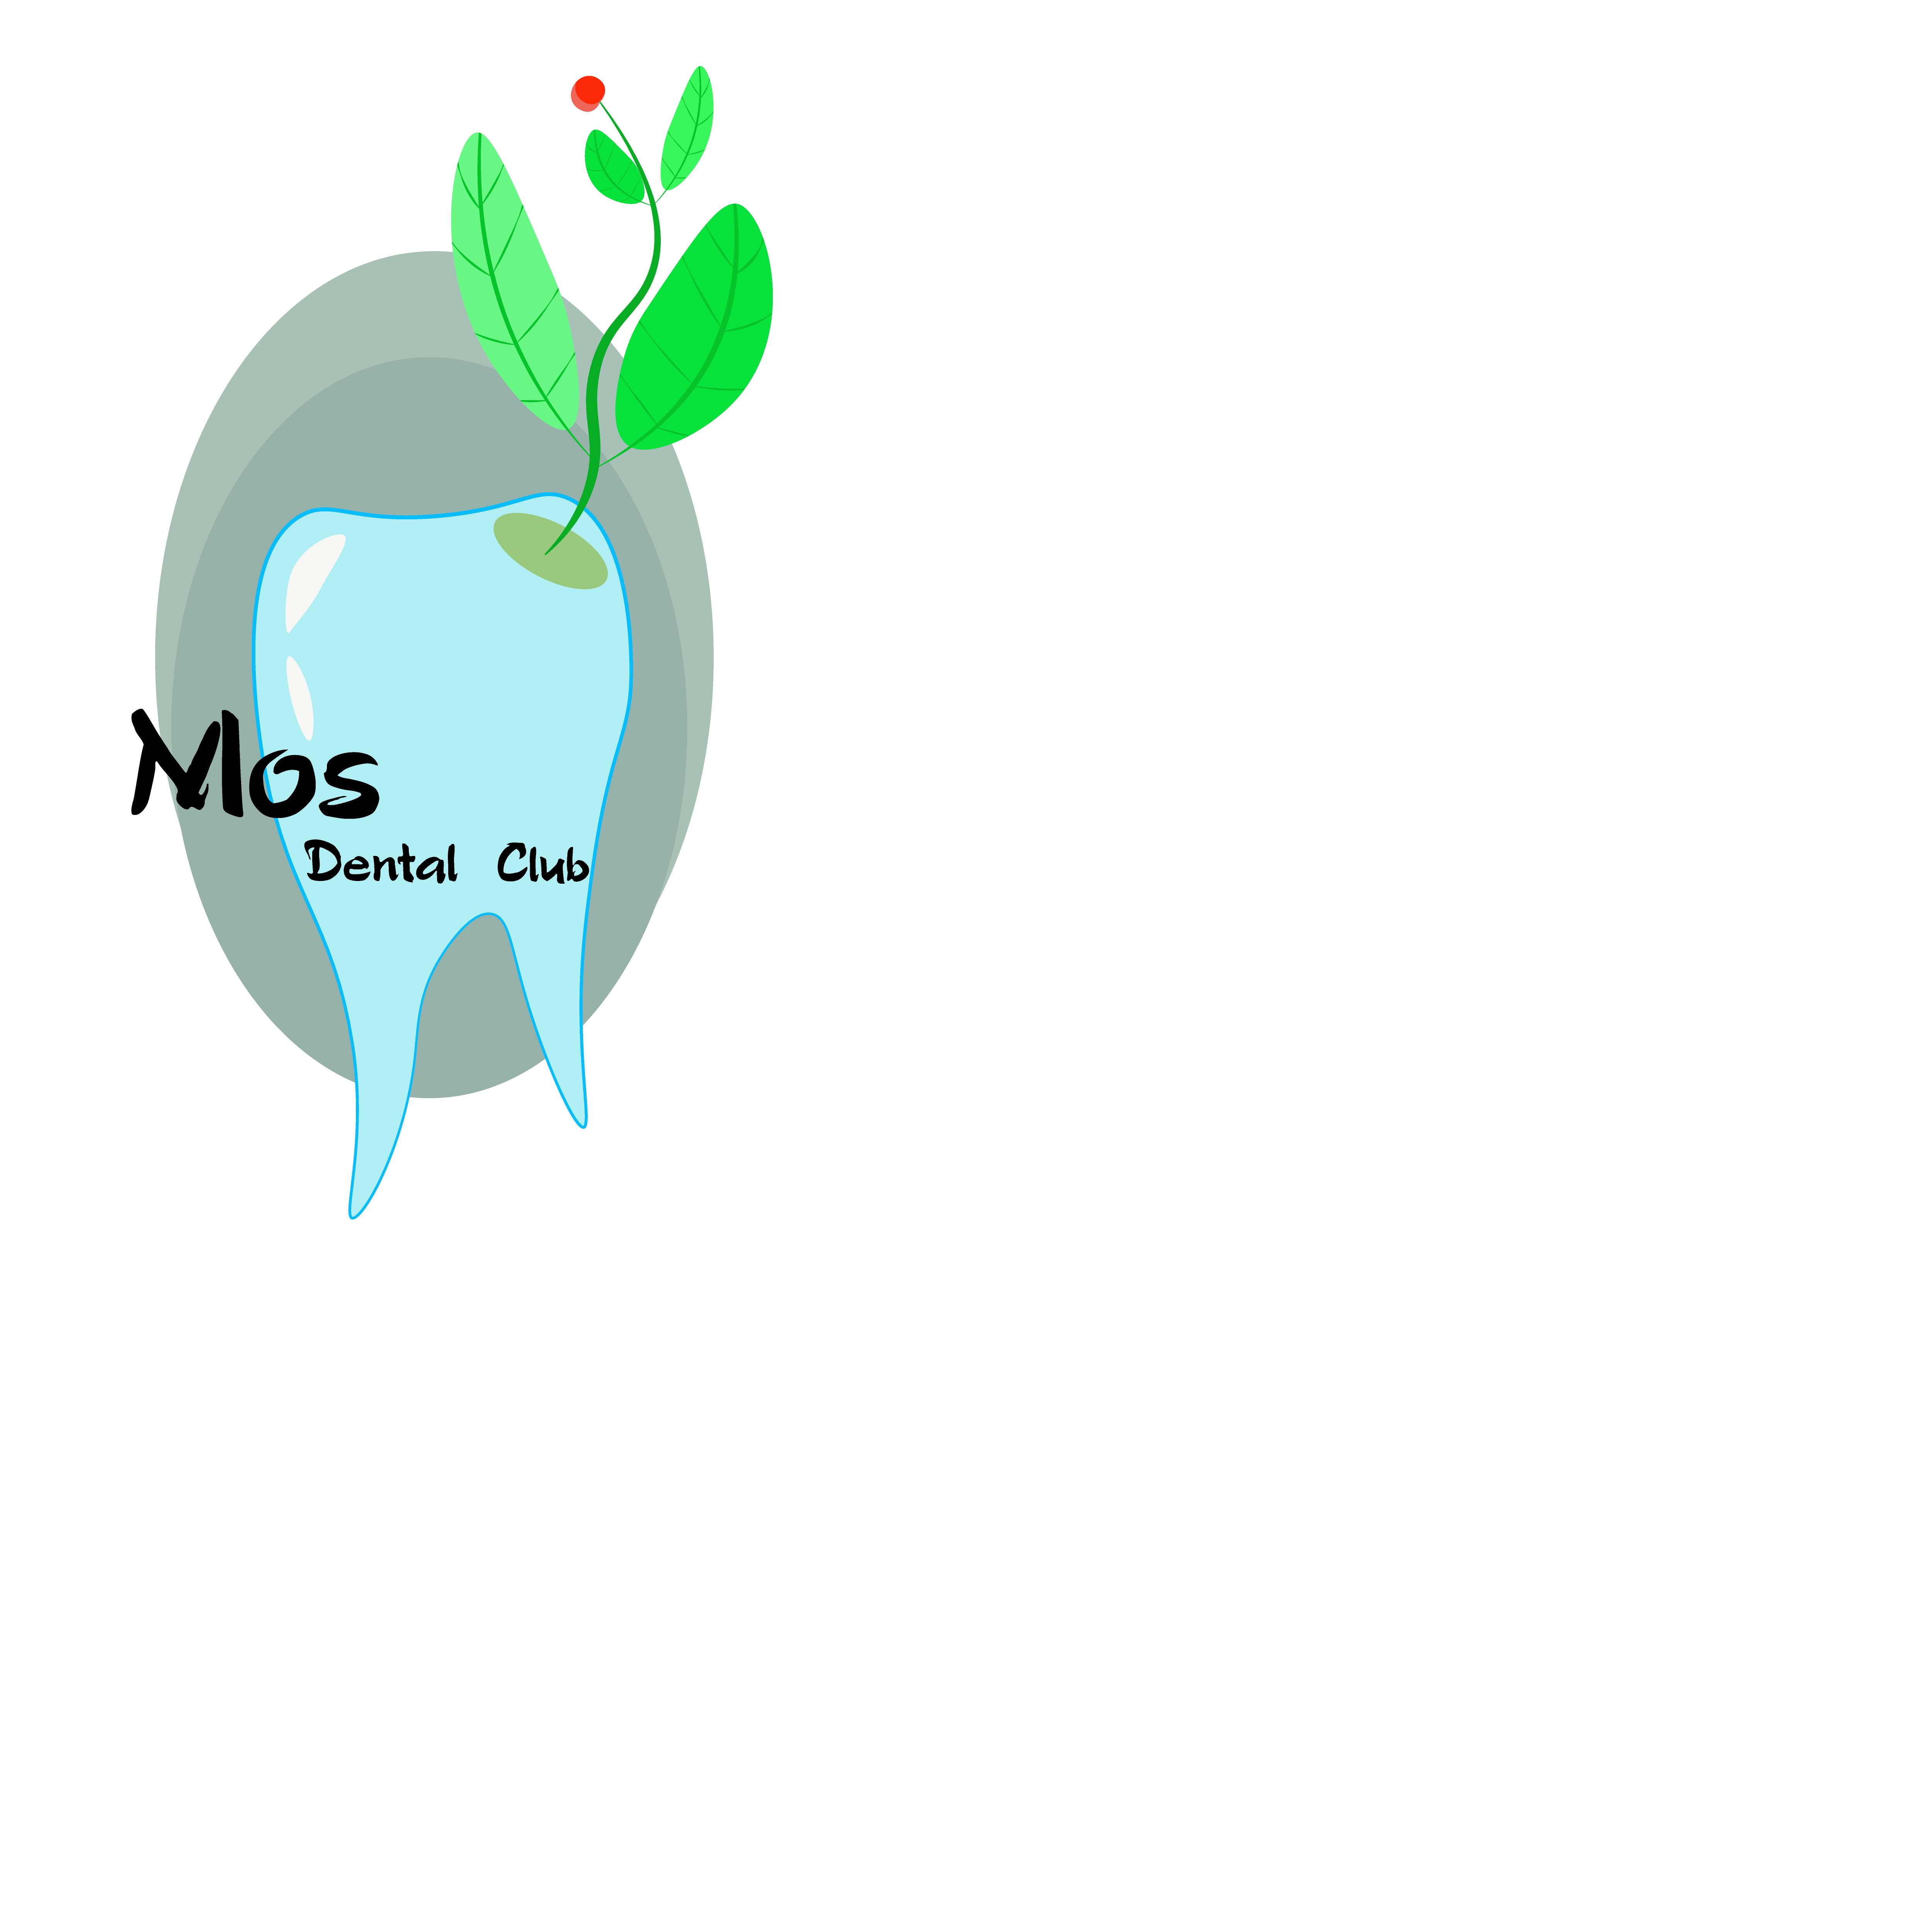 Разработка логотипа стоматологического медицинского центра фото f_2505e46a7c1cd86b.jpg